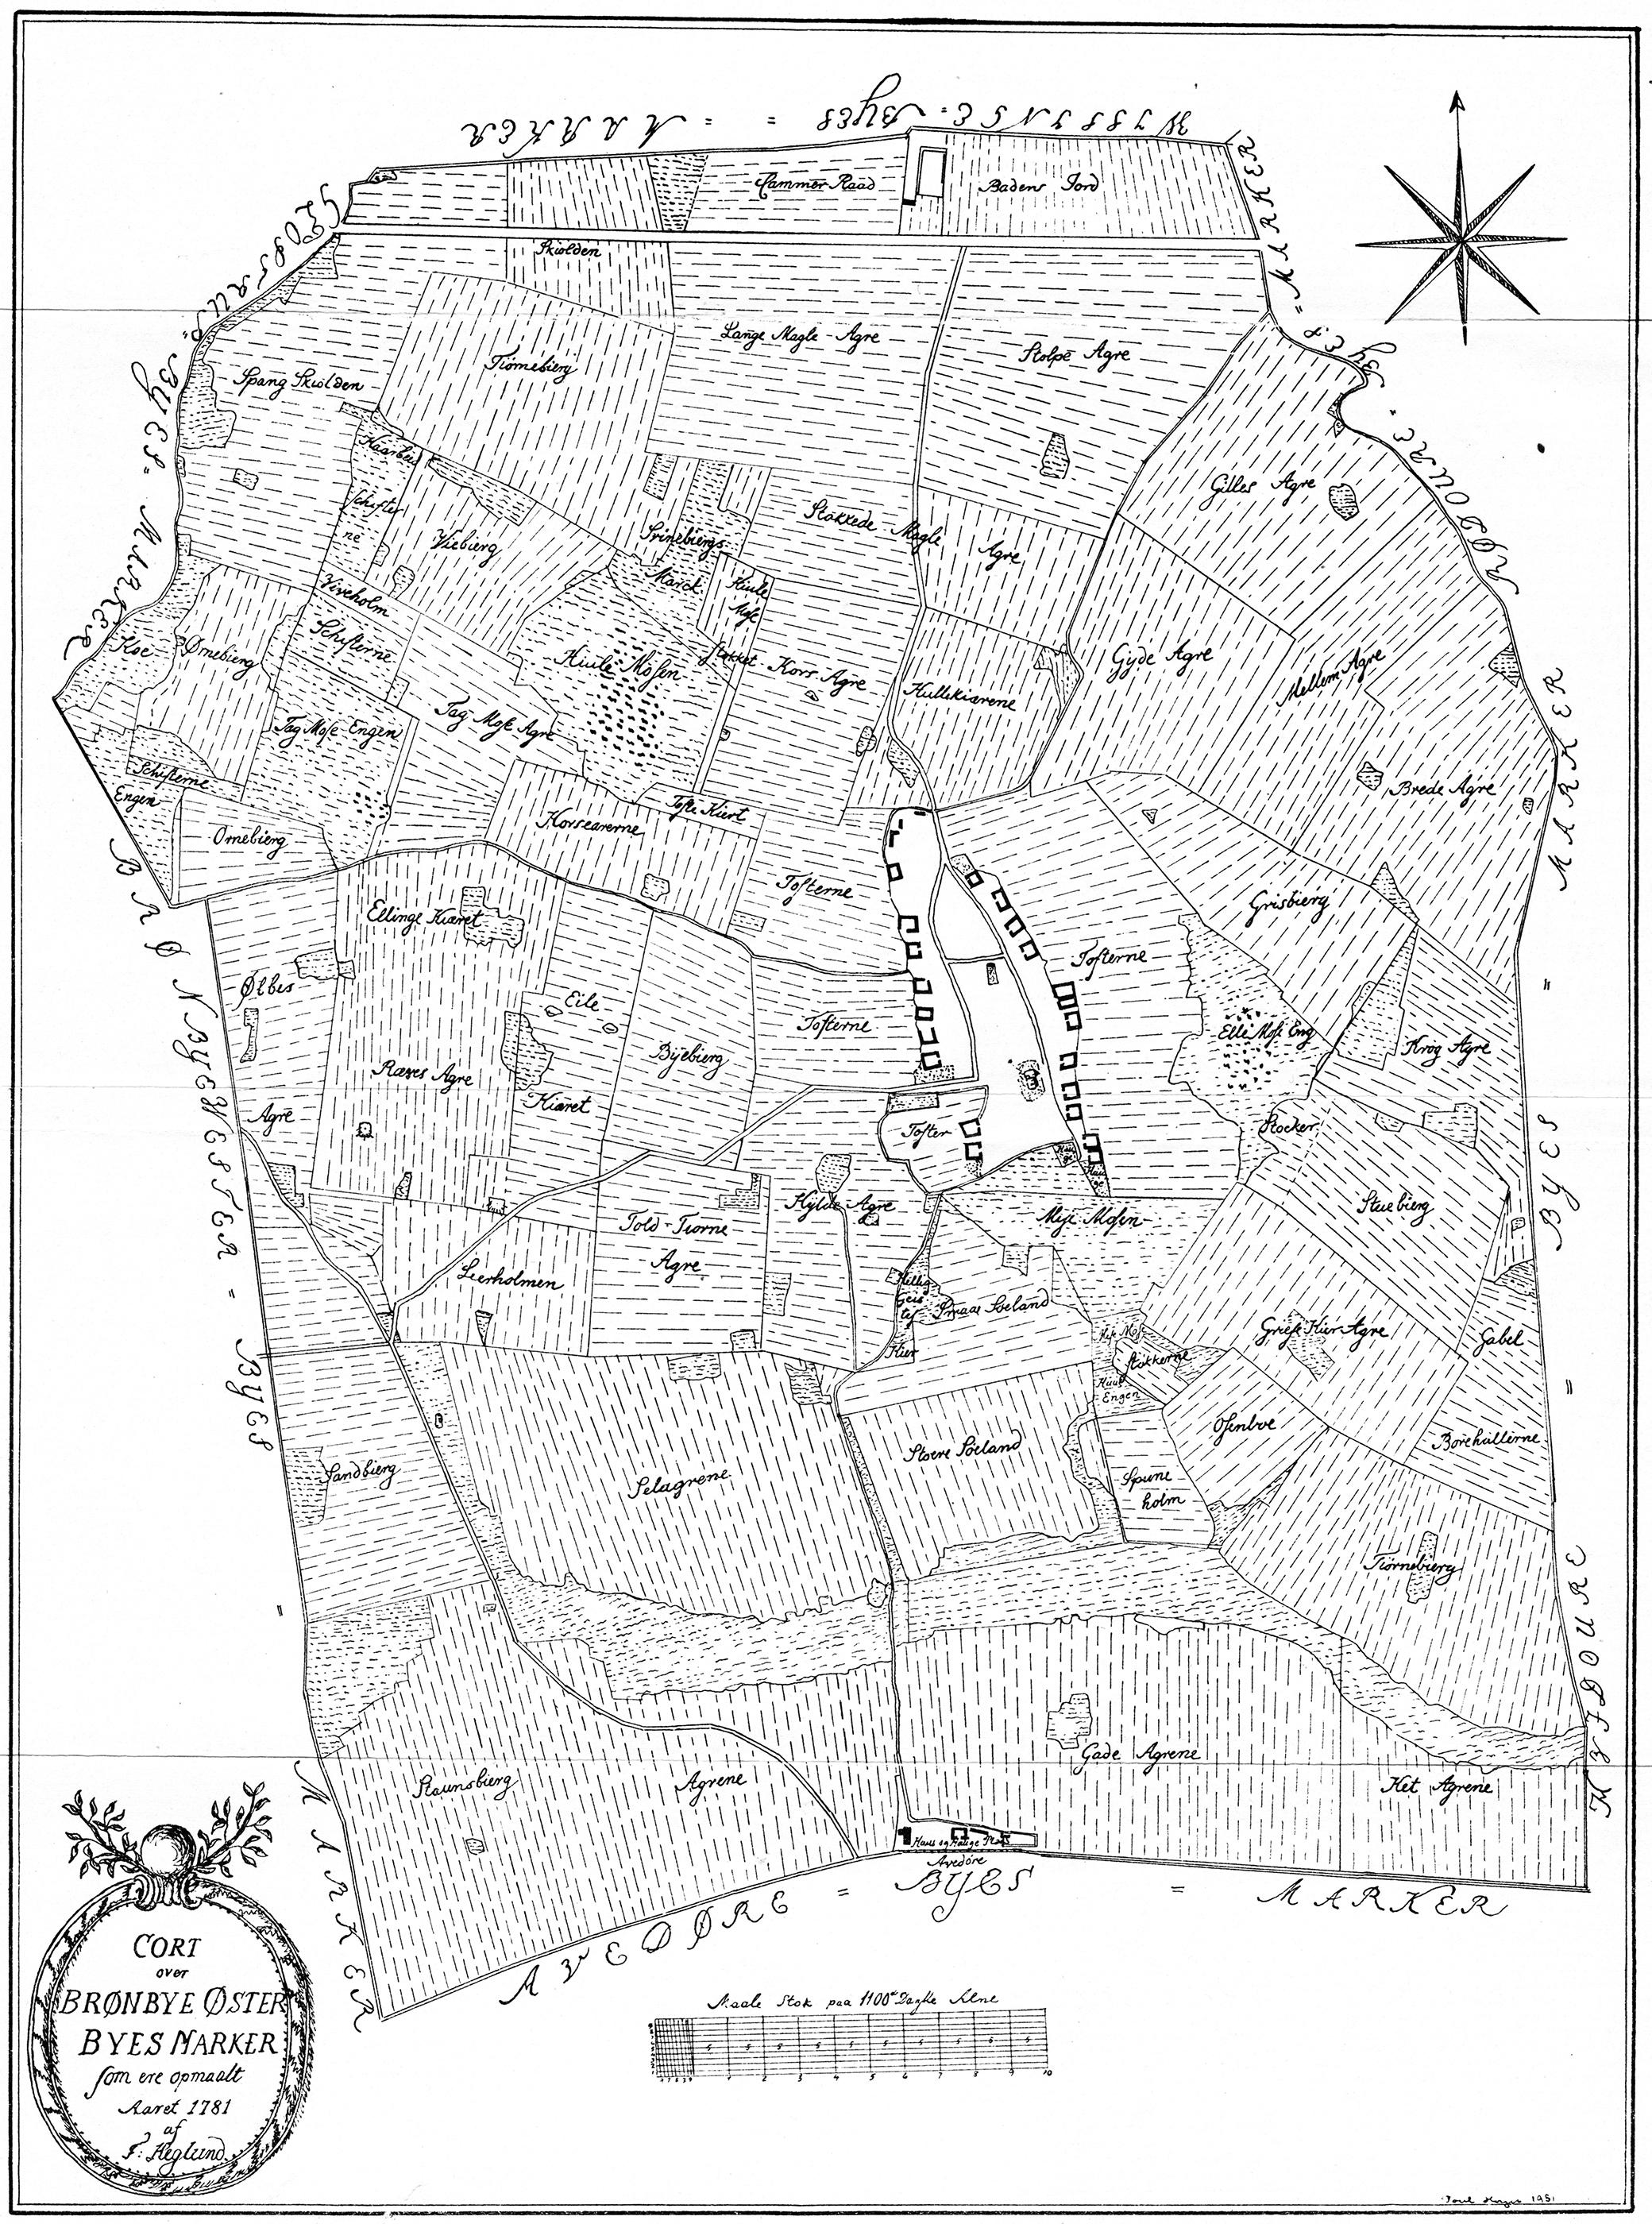 1781 Brøndbyøster